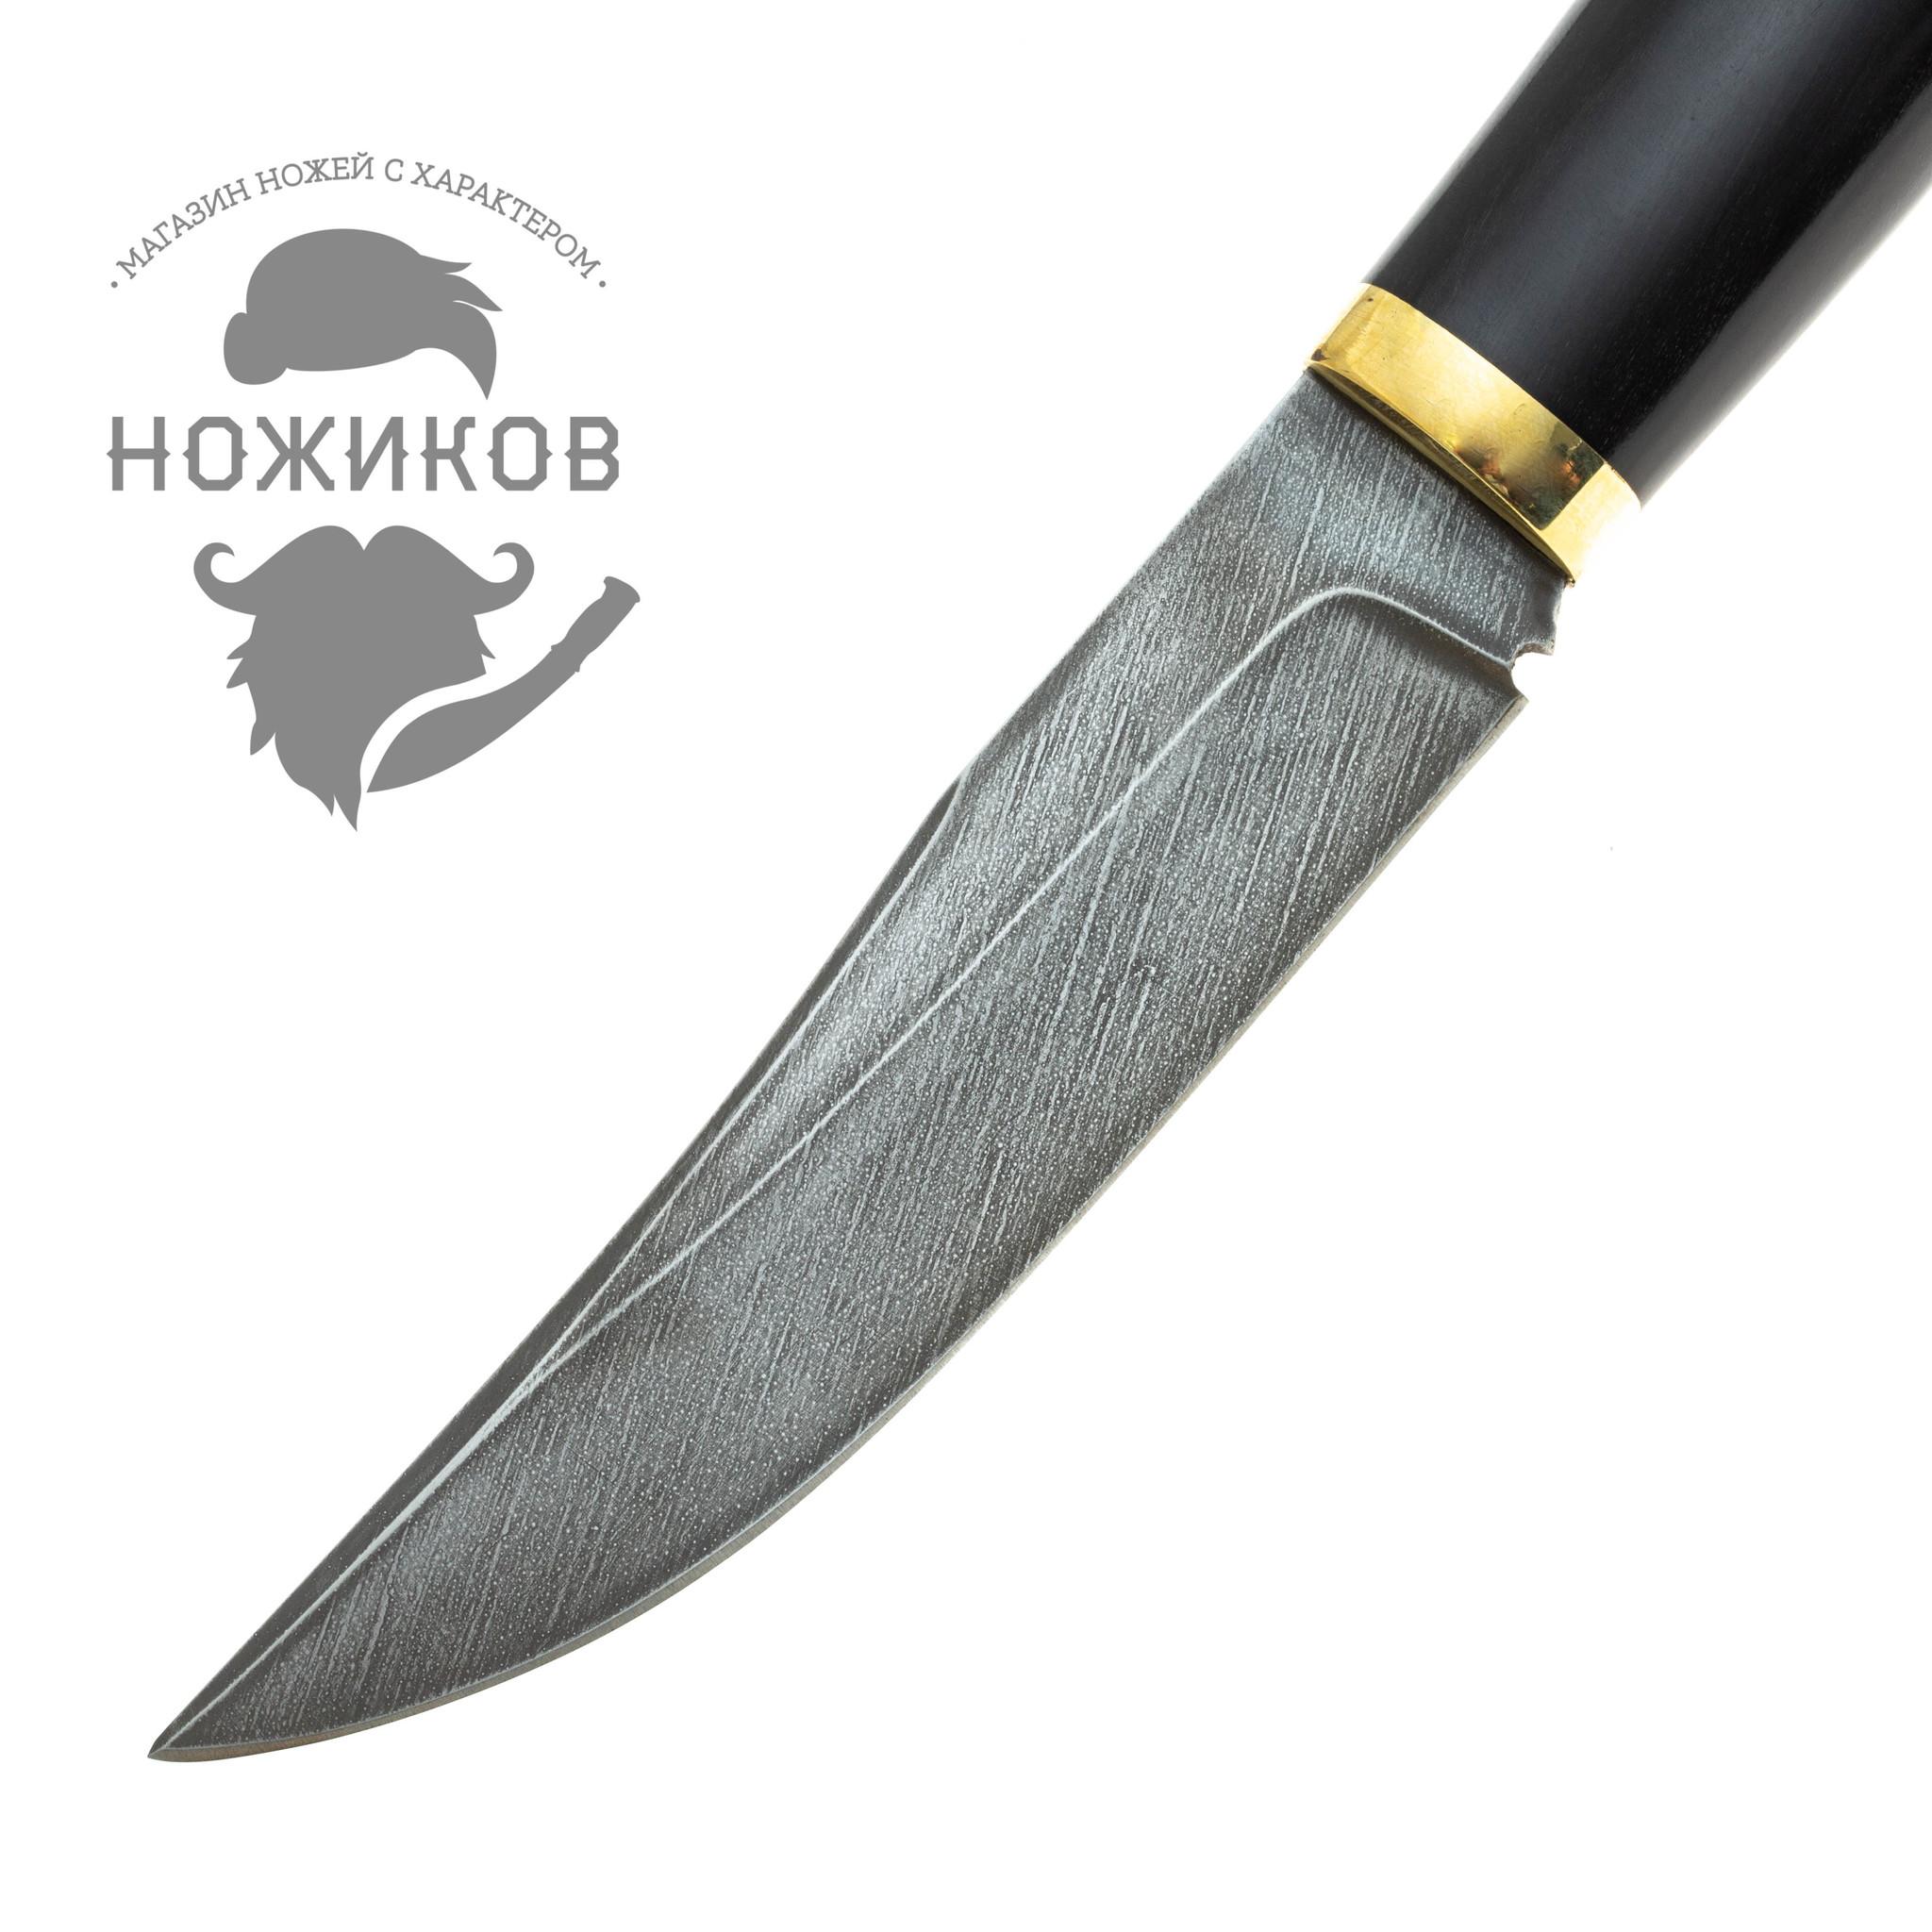 Фото 17 - Нож Лис, дамасская сталь от Промтехснаб